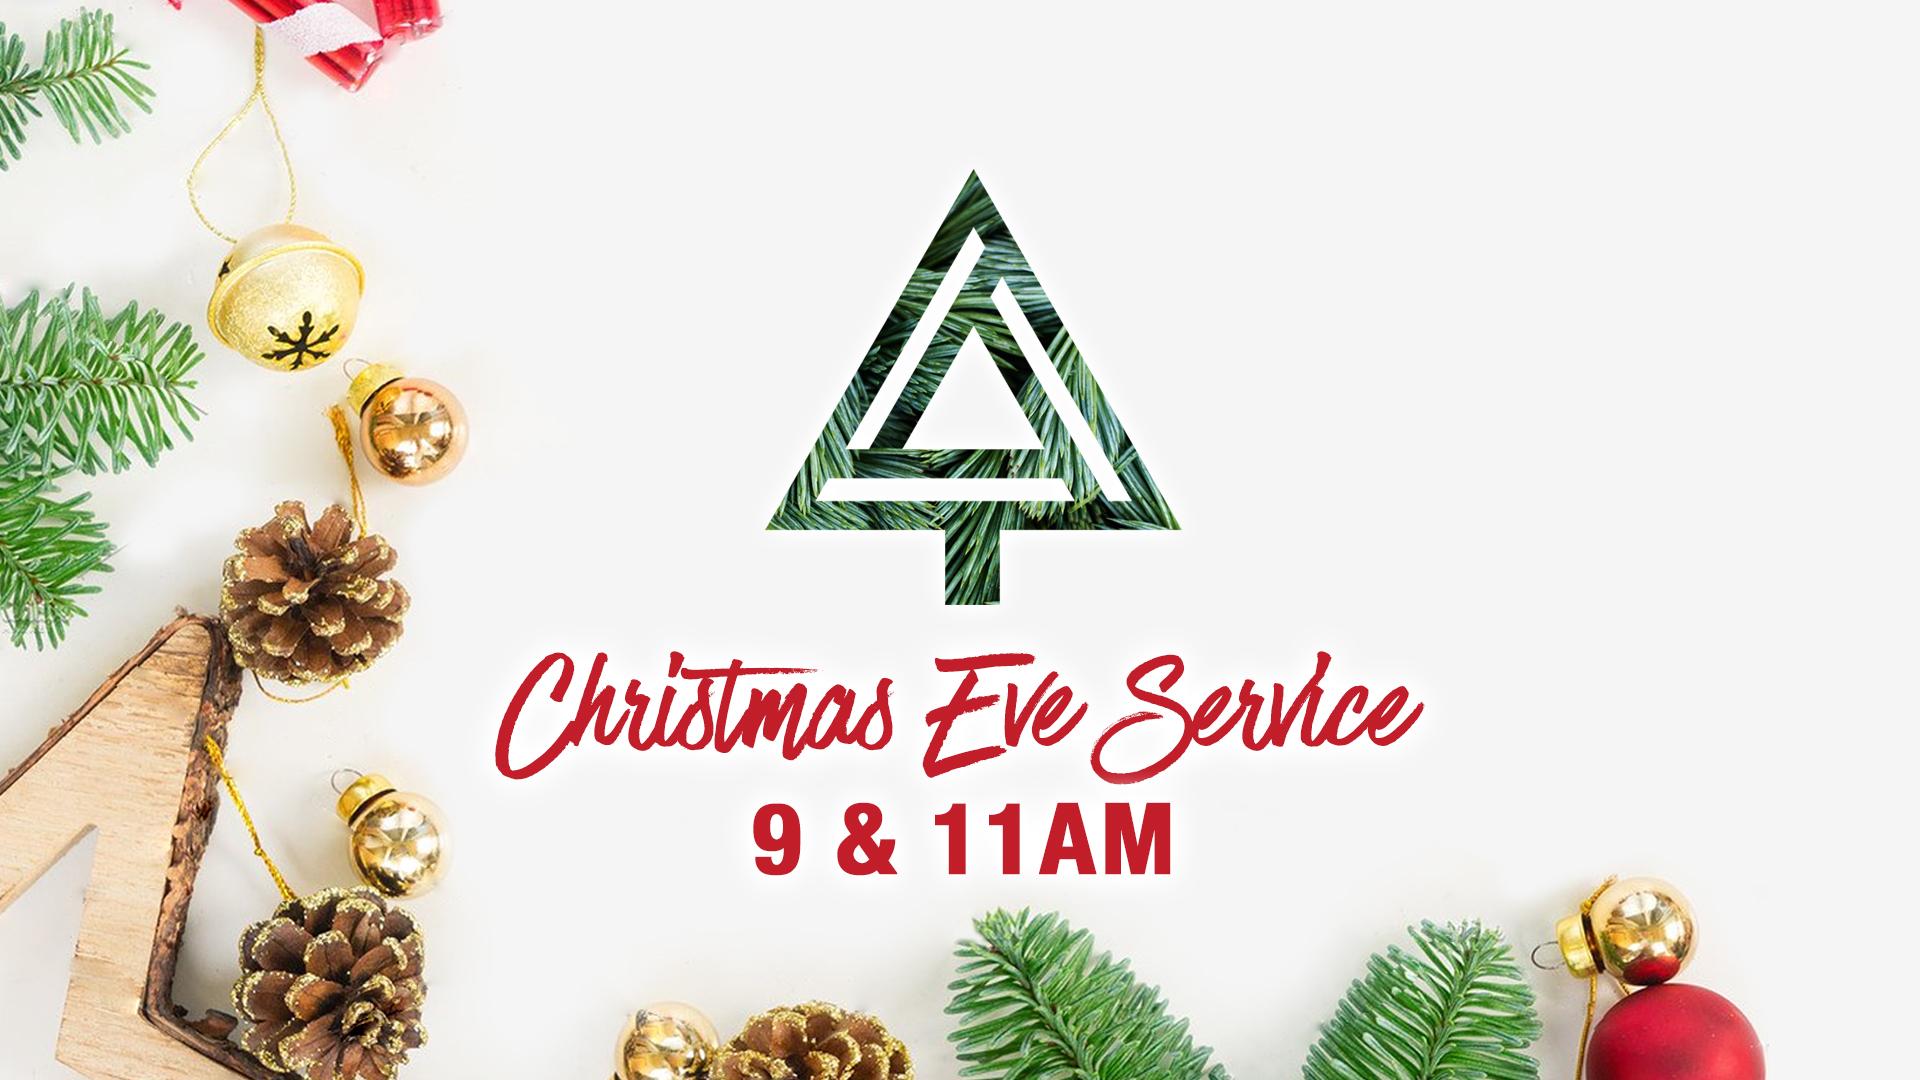 ChristmasEve_times.jpg